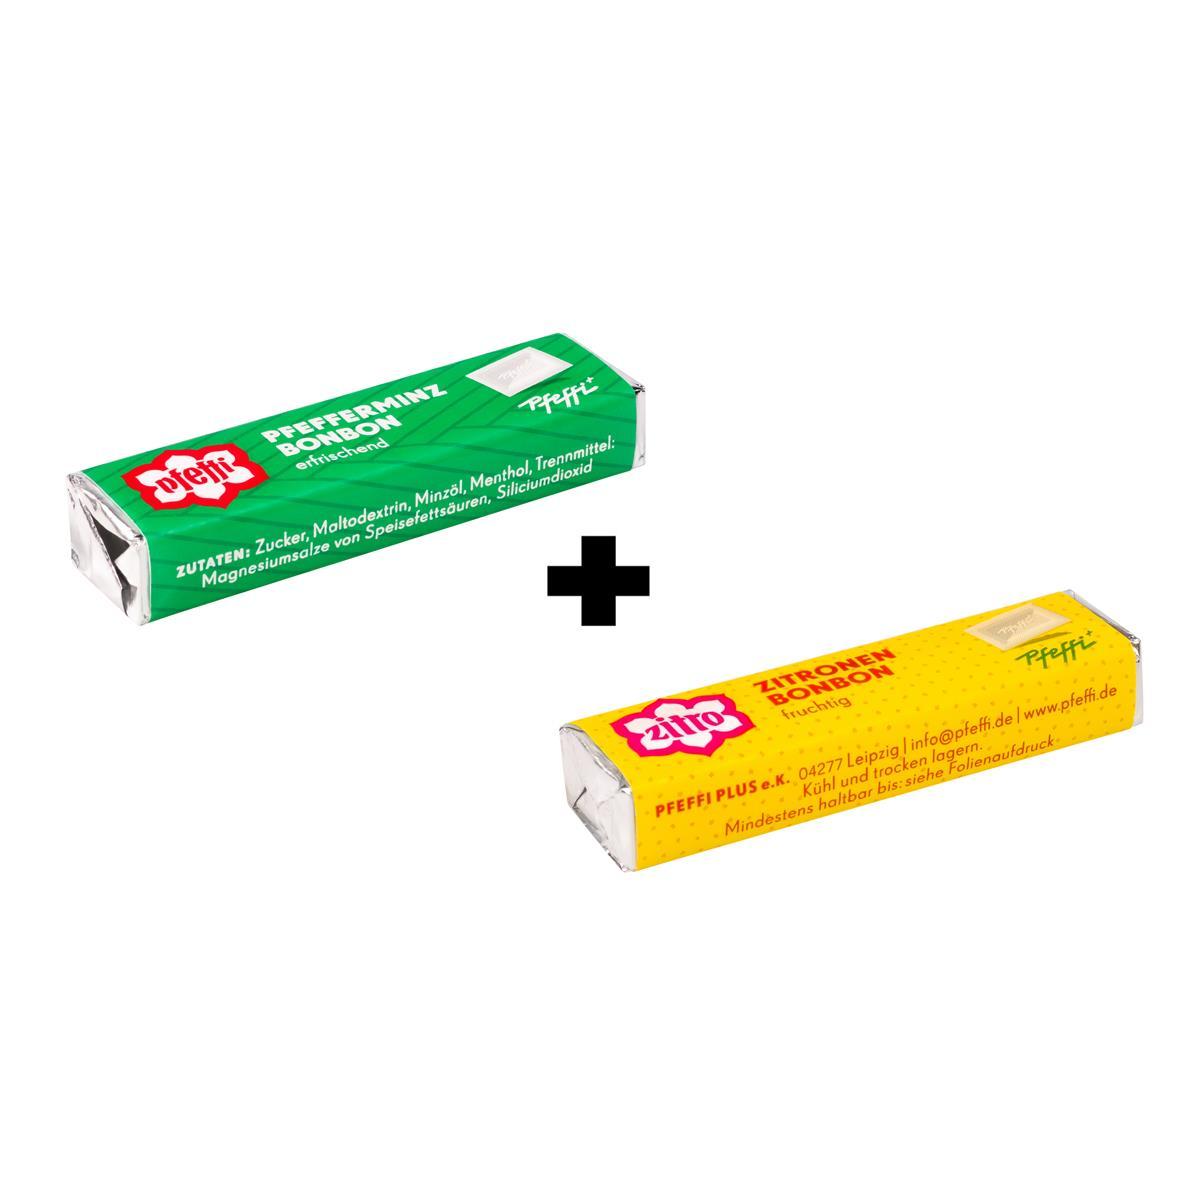 Pfeffi Zitronen- und Pfefferminzbonbons  2x 10er Pack